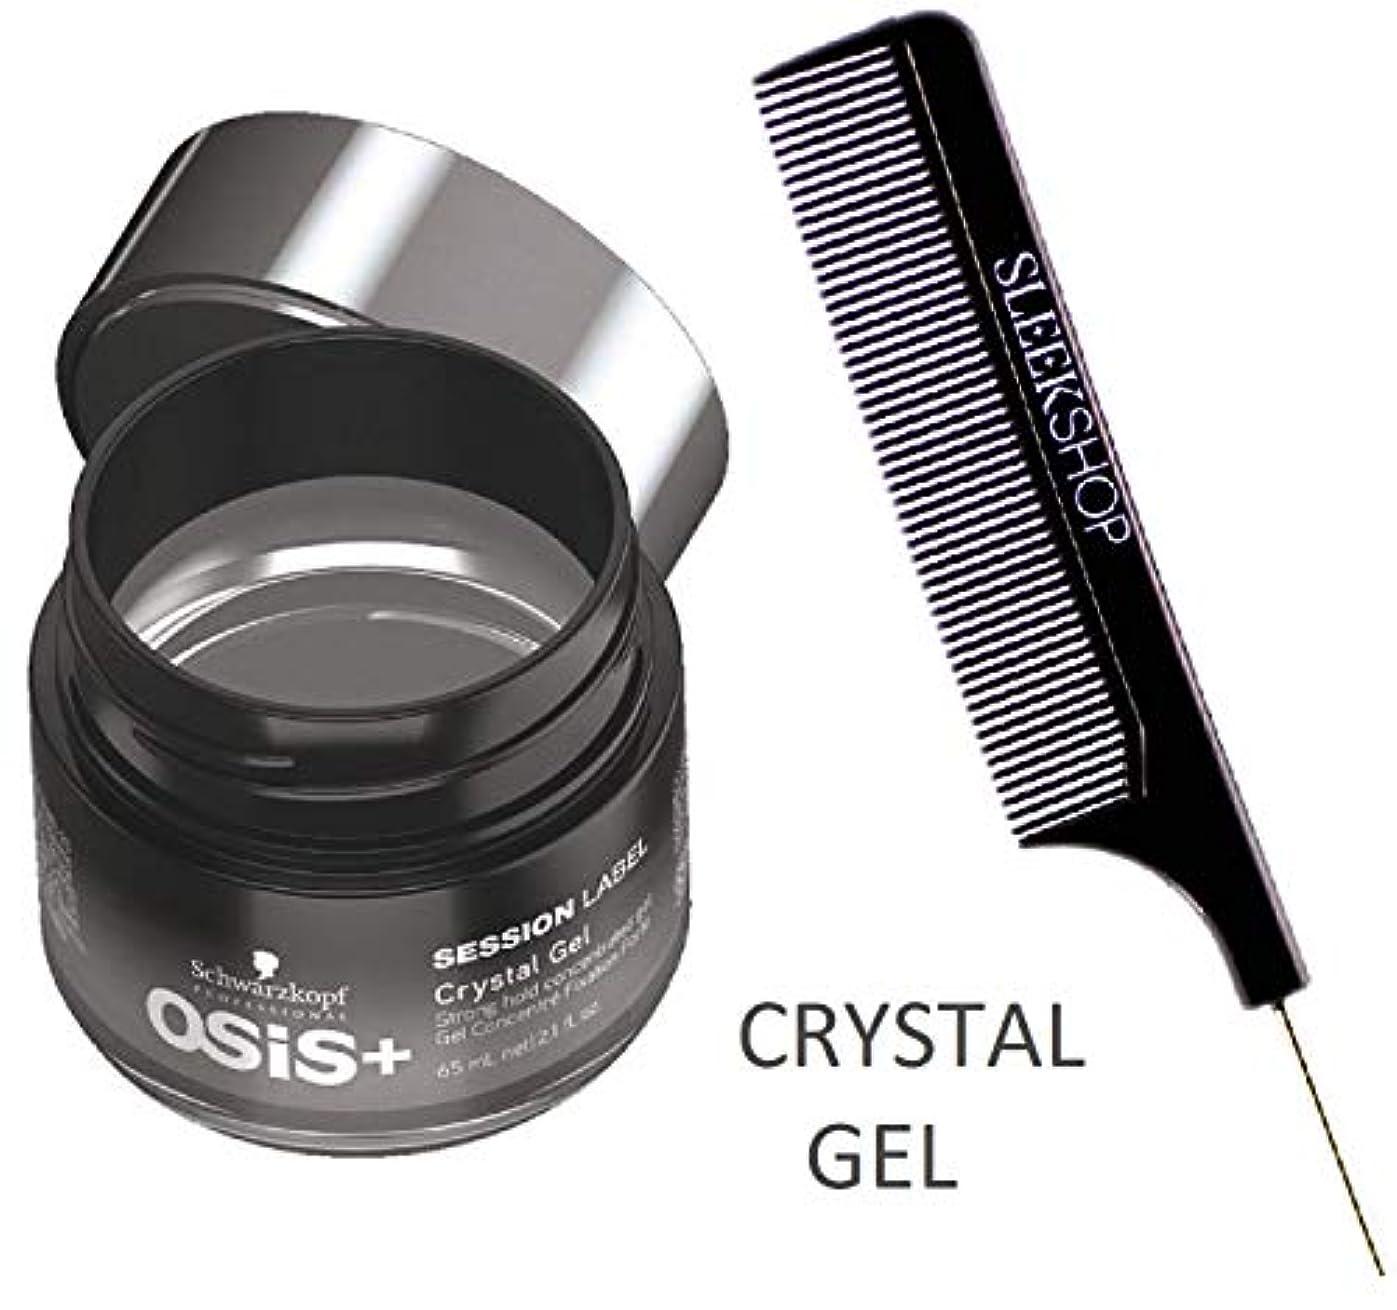 多様体薄暗いアリスSchwarzkopf OSIS +セッションラベルCRYSTAL GELストロングホールド濃縮ジェル(STYLISTのKIT) 2.1オンス/ 65ミリリットル